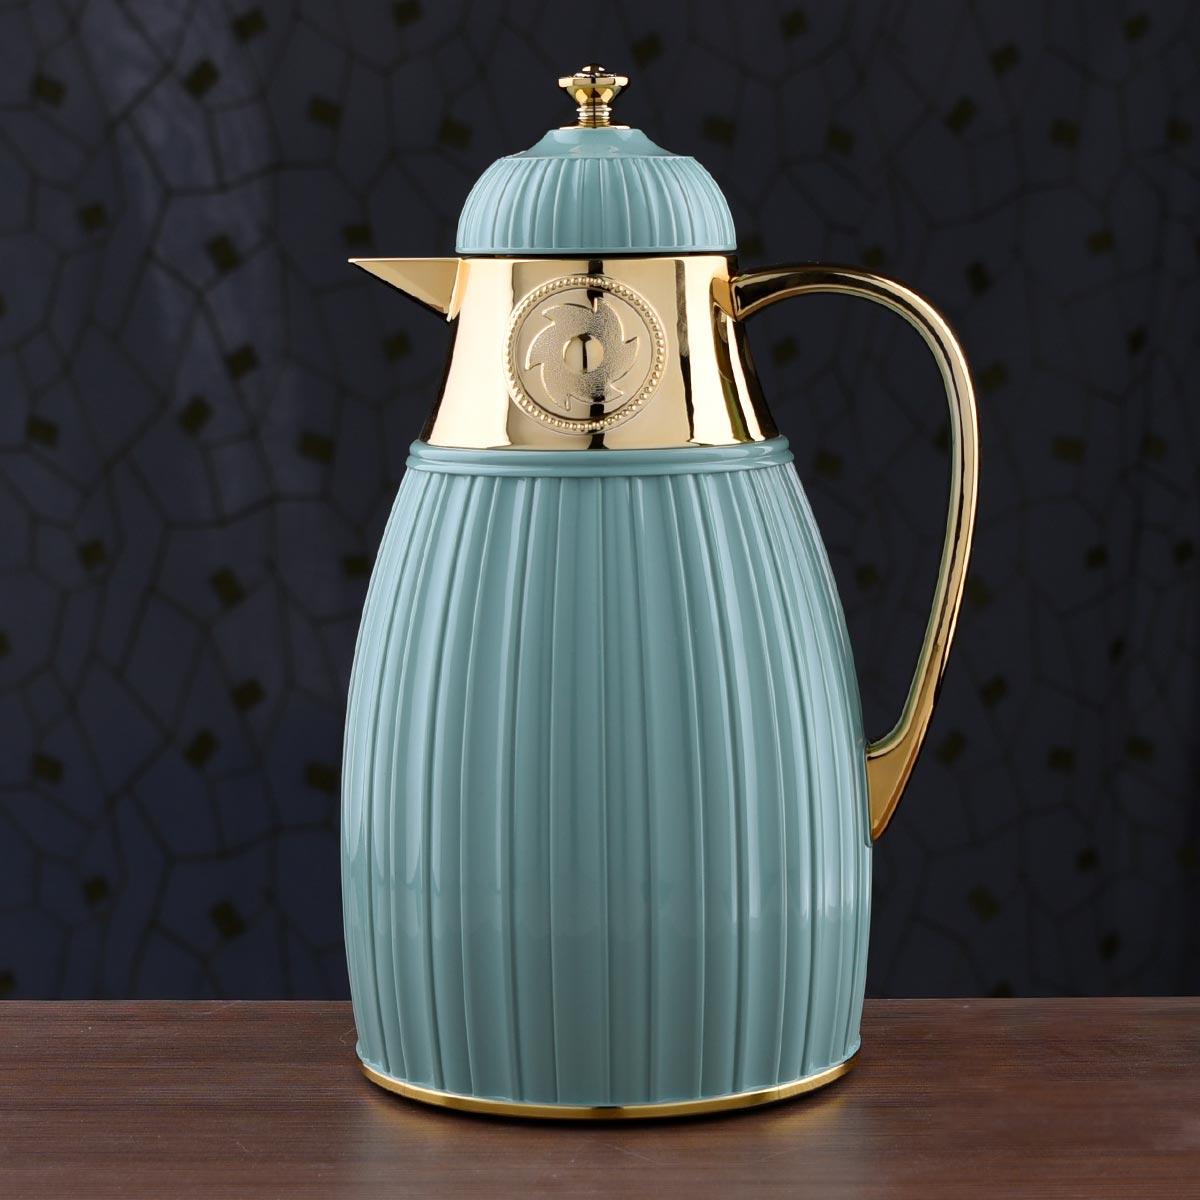 ترمس شاي وقهوة ديفا - DEVA - مقاس 1.0لتر - رقم  K191564/1TGN